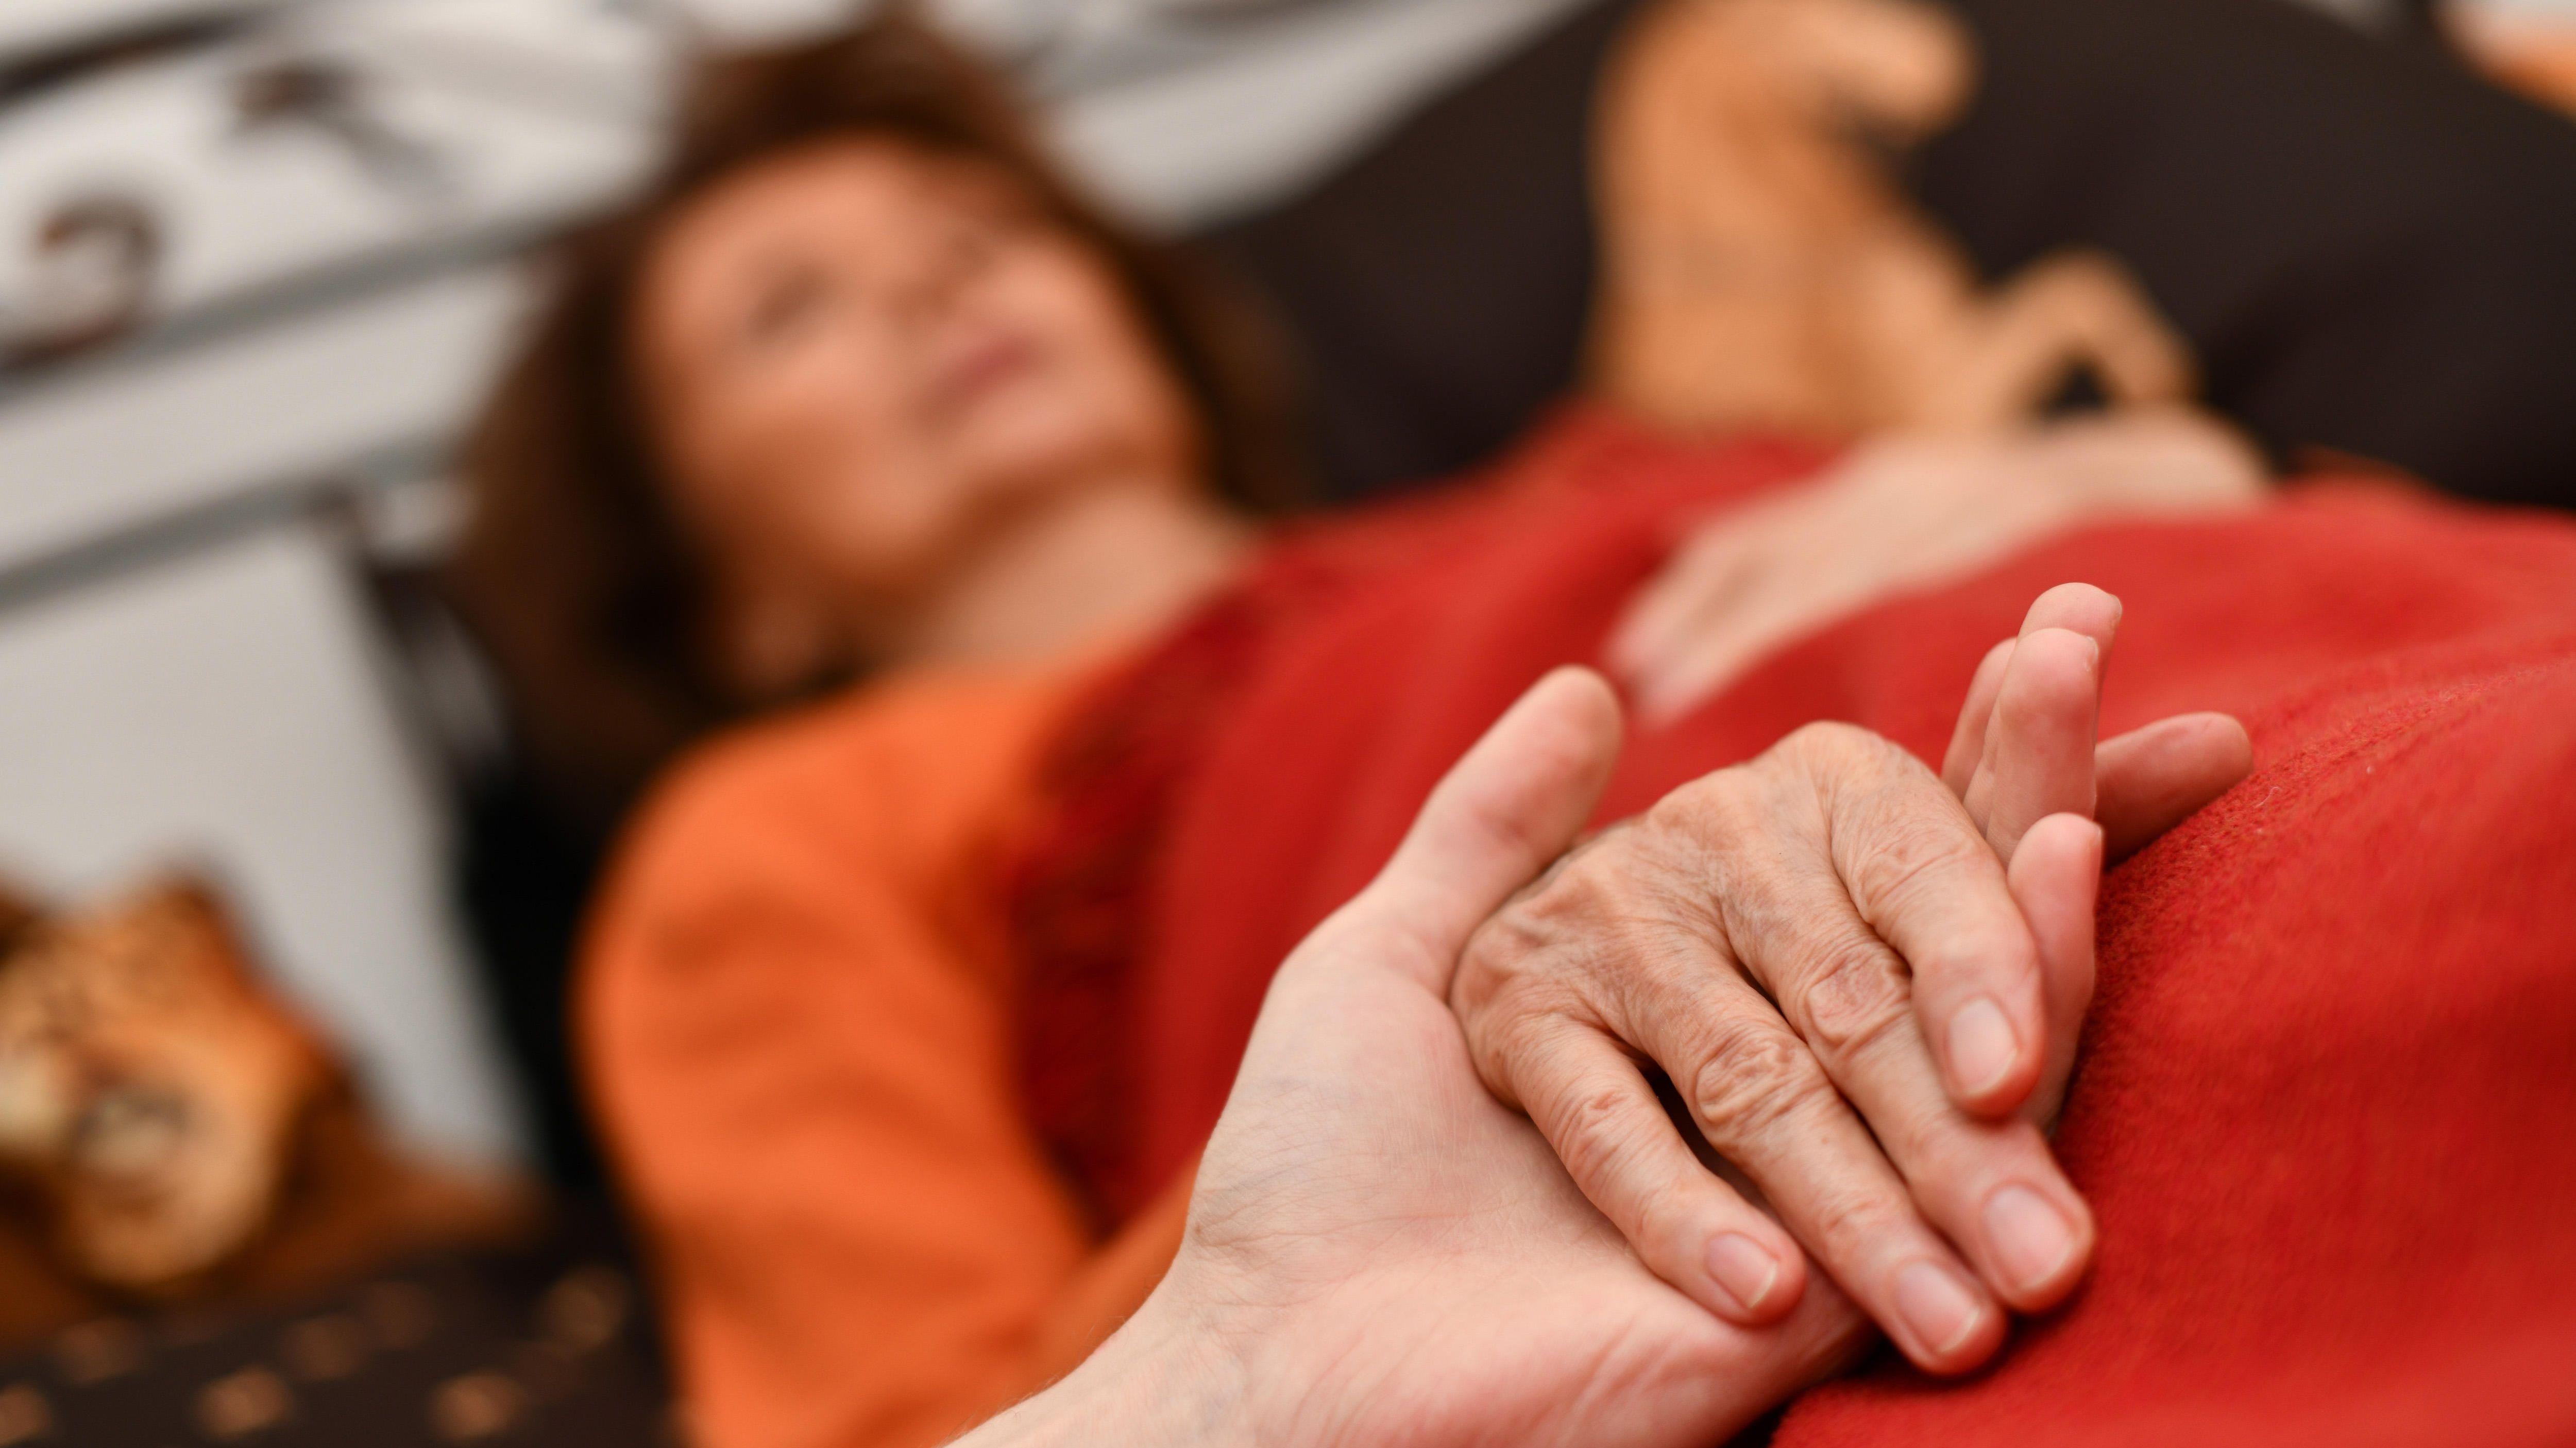 Symbolbild für Sterbehilfe: Zwei Hände, die sich umfassen